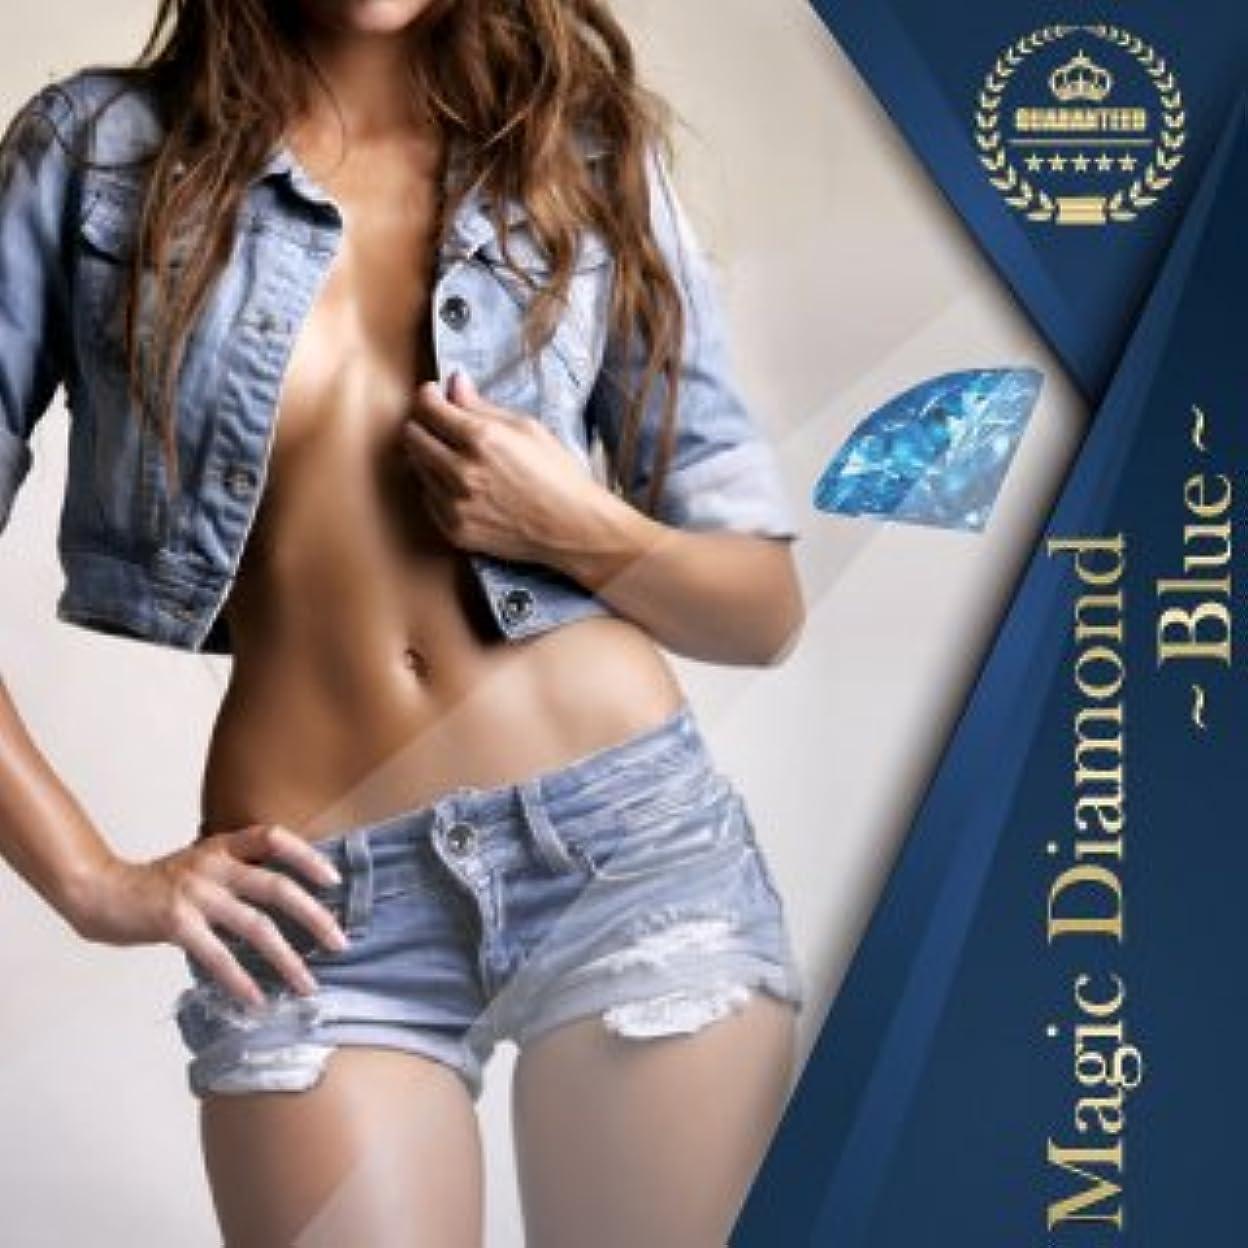 通貨ホイッスル奨励しますMagic Diamond Blue マジックダイアモンドブルー 3個セット